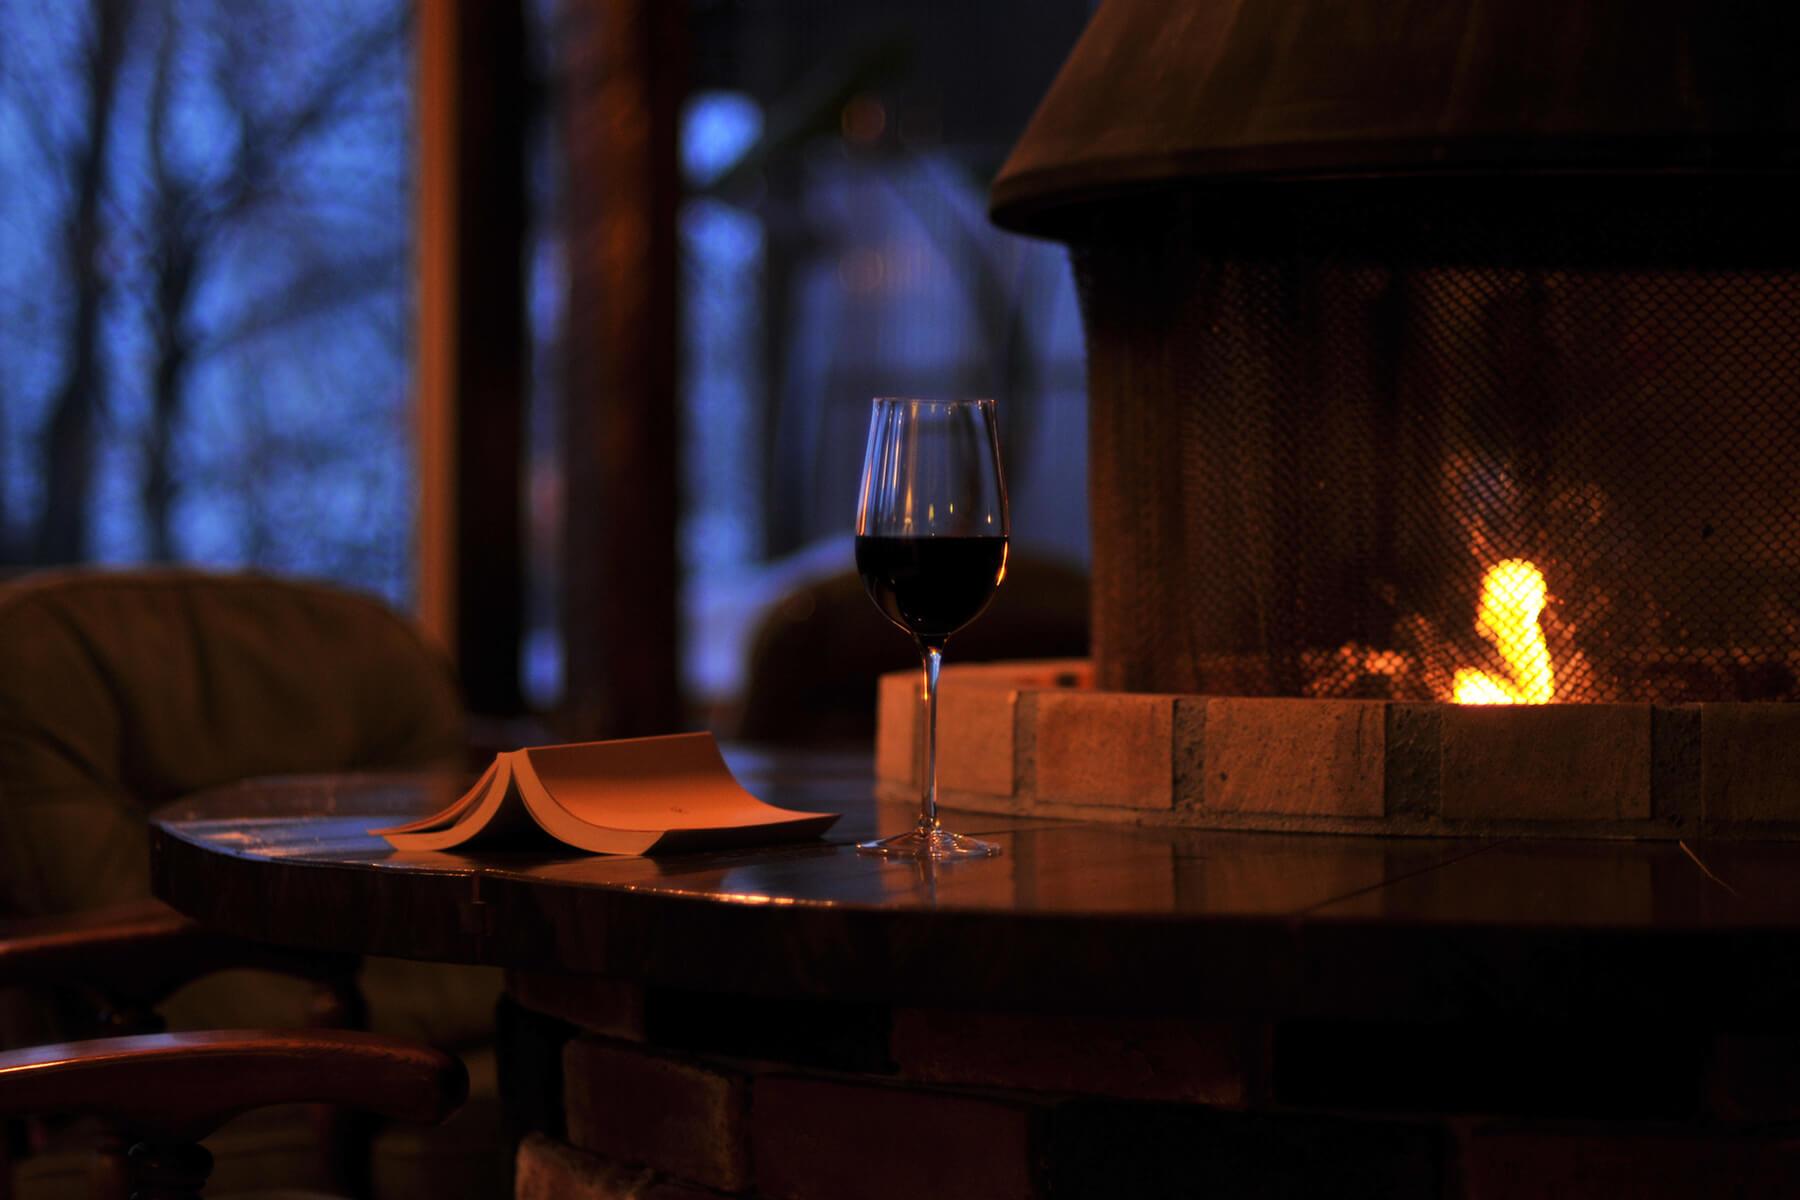 暖炉と本 夜